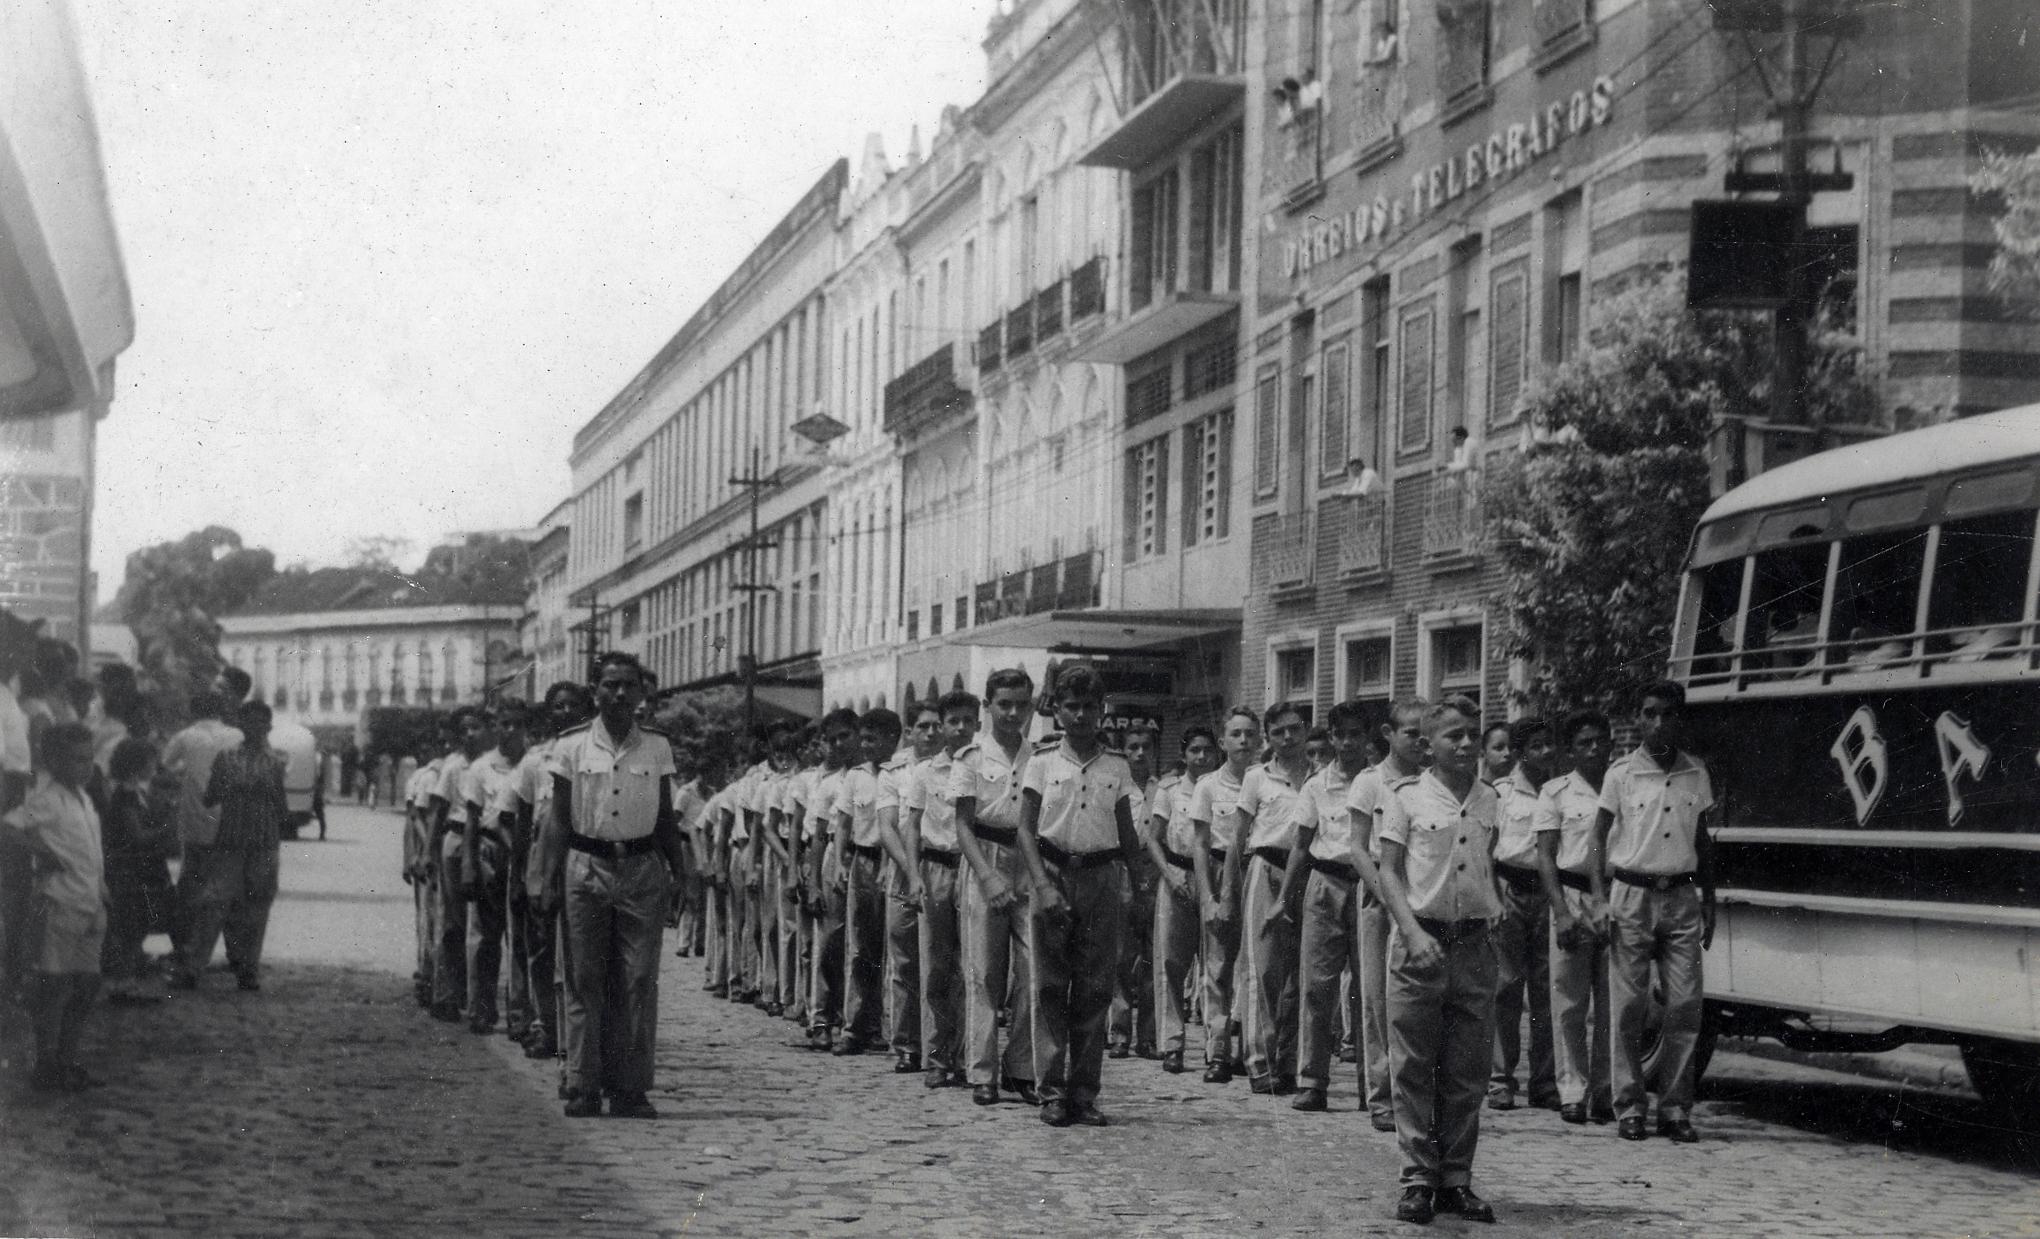 Desfile escolar na Avenida Eduardo Ribeiro - Instituto Durango Duarte